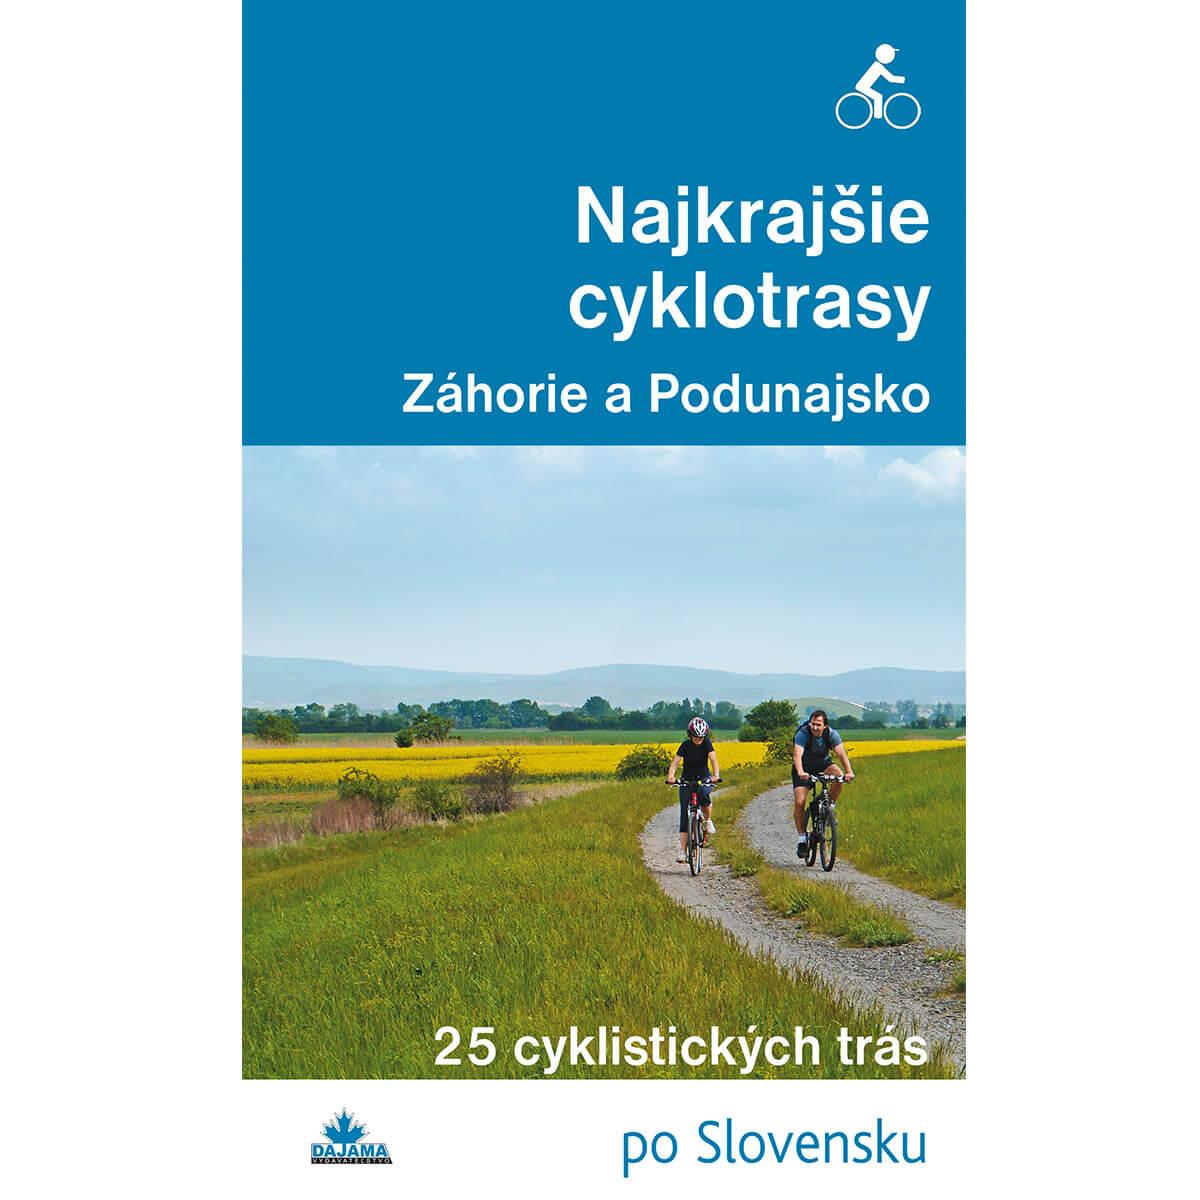 Kniha Najkrajšie cyklotrasy Záhorie a Podunajsko - 25 cyklistických trás po Slovensku z vydavateľstva Dajama